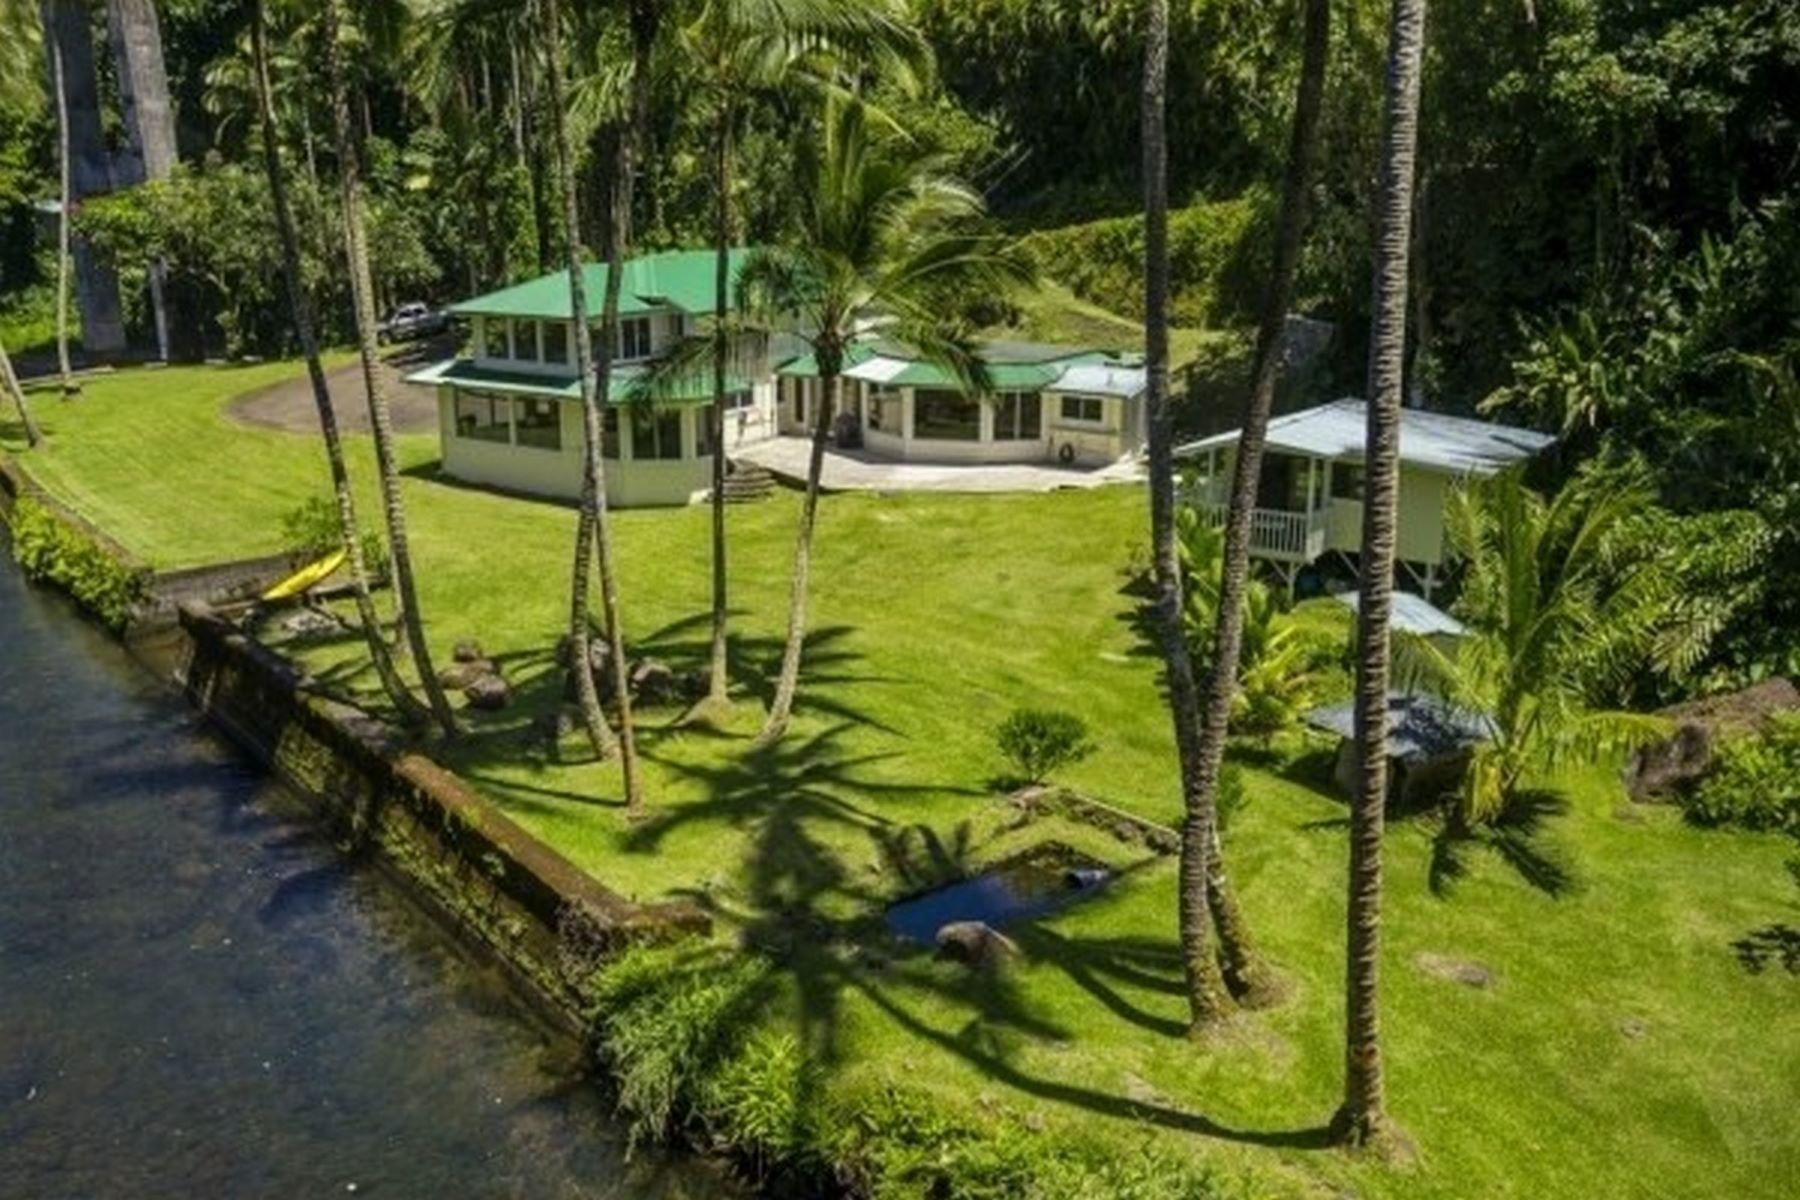 独户住宅 为 销售 在 Honolii Beach Park 248 Kahoa St. 希洛, 夏威夷, 96720 美国